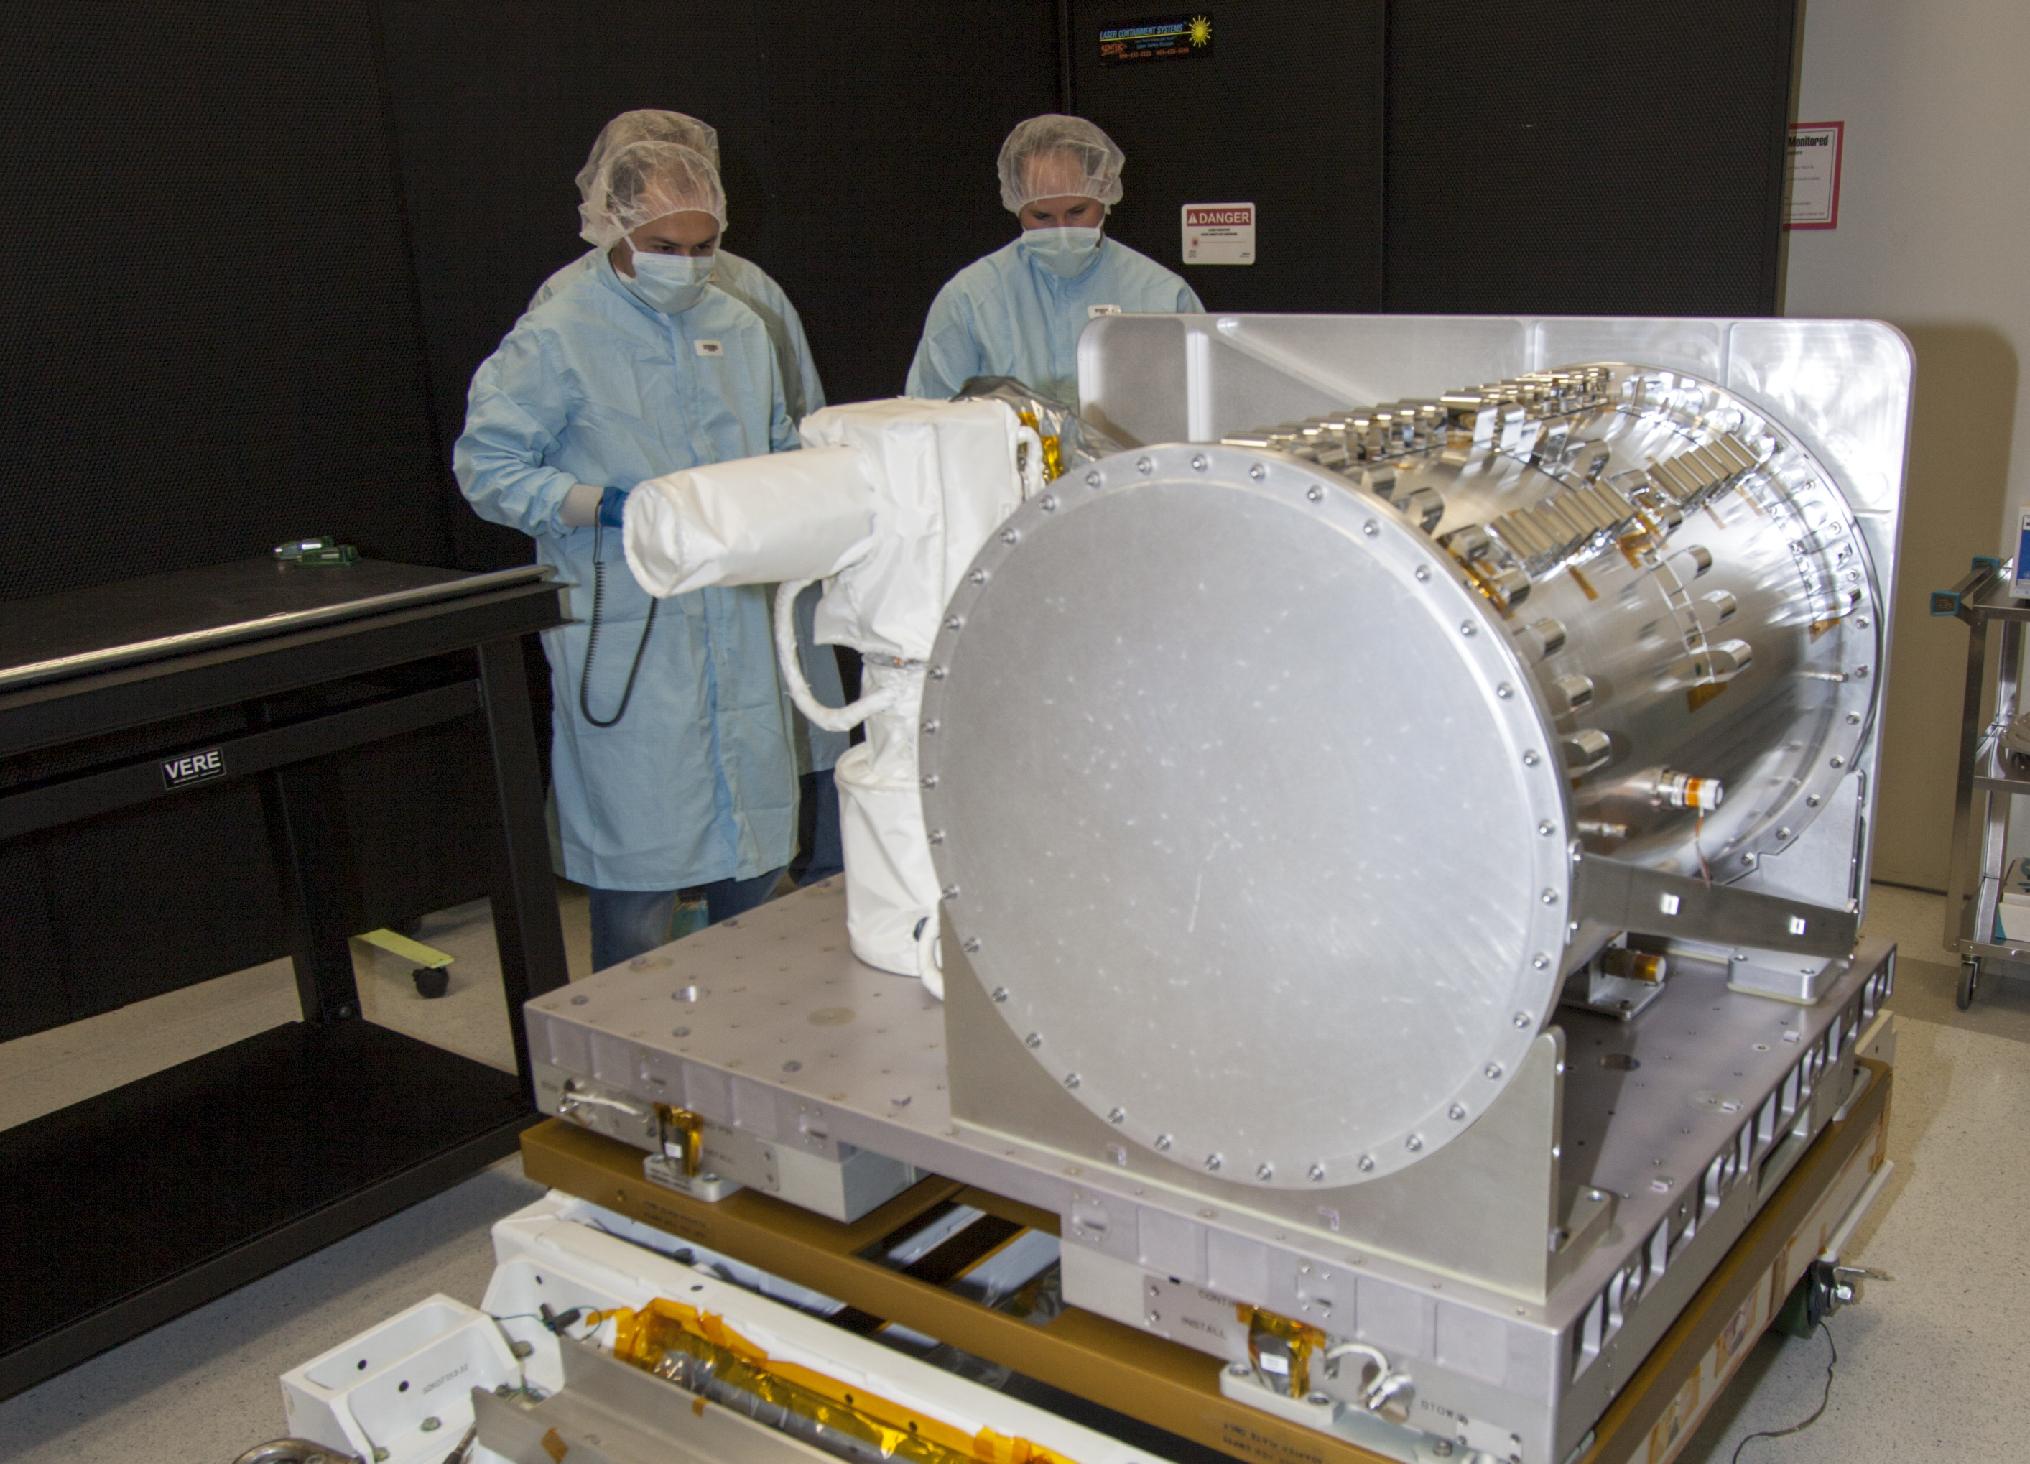 OPALS NASA JPL Caltech